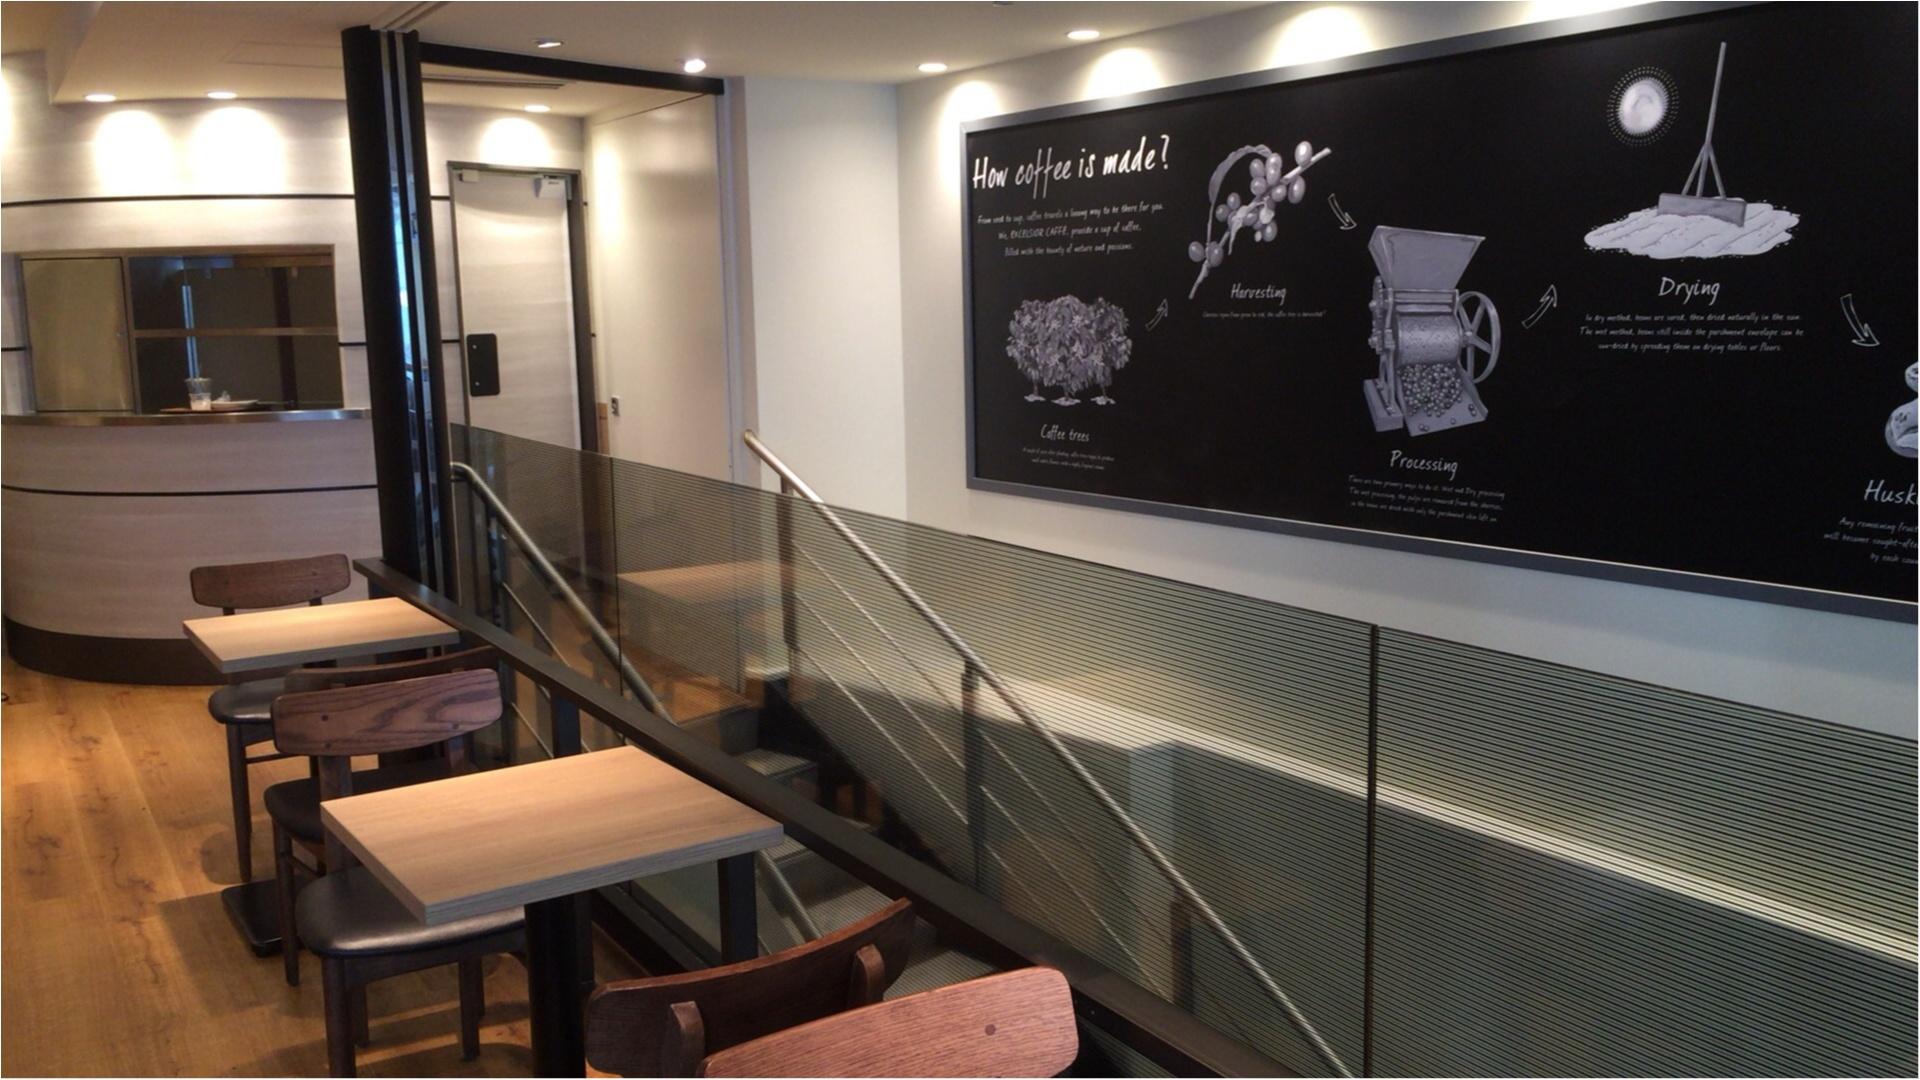 渋谷で電源カフェを探すなら?リニューアルした◯◯カフェが居心地最高♪♪ _4